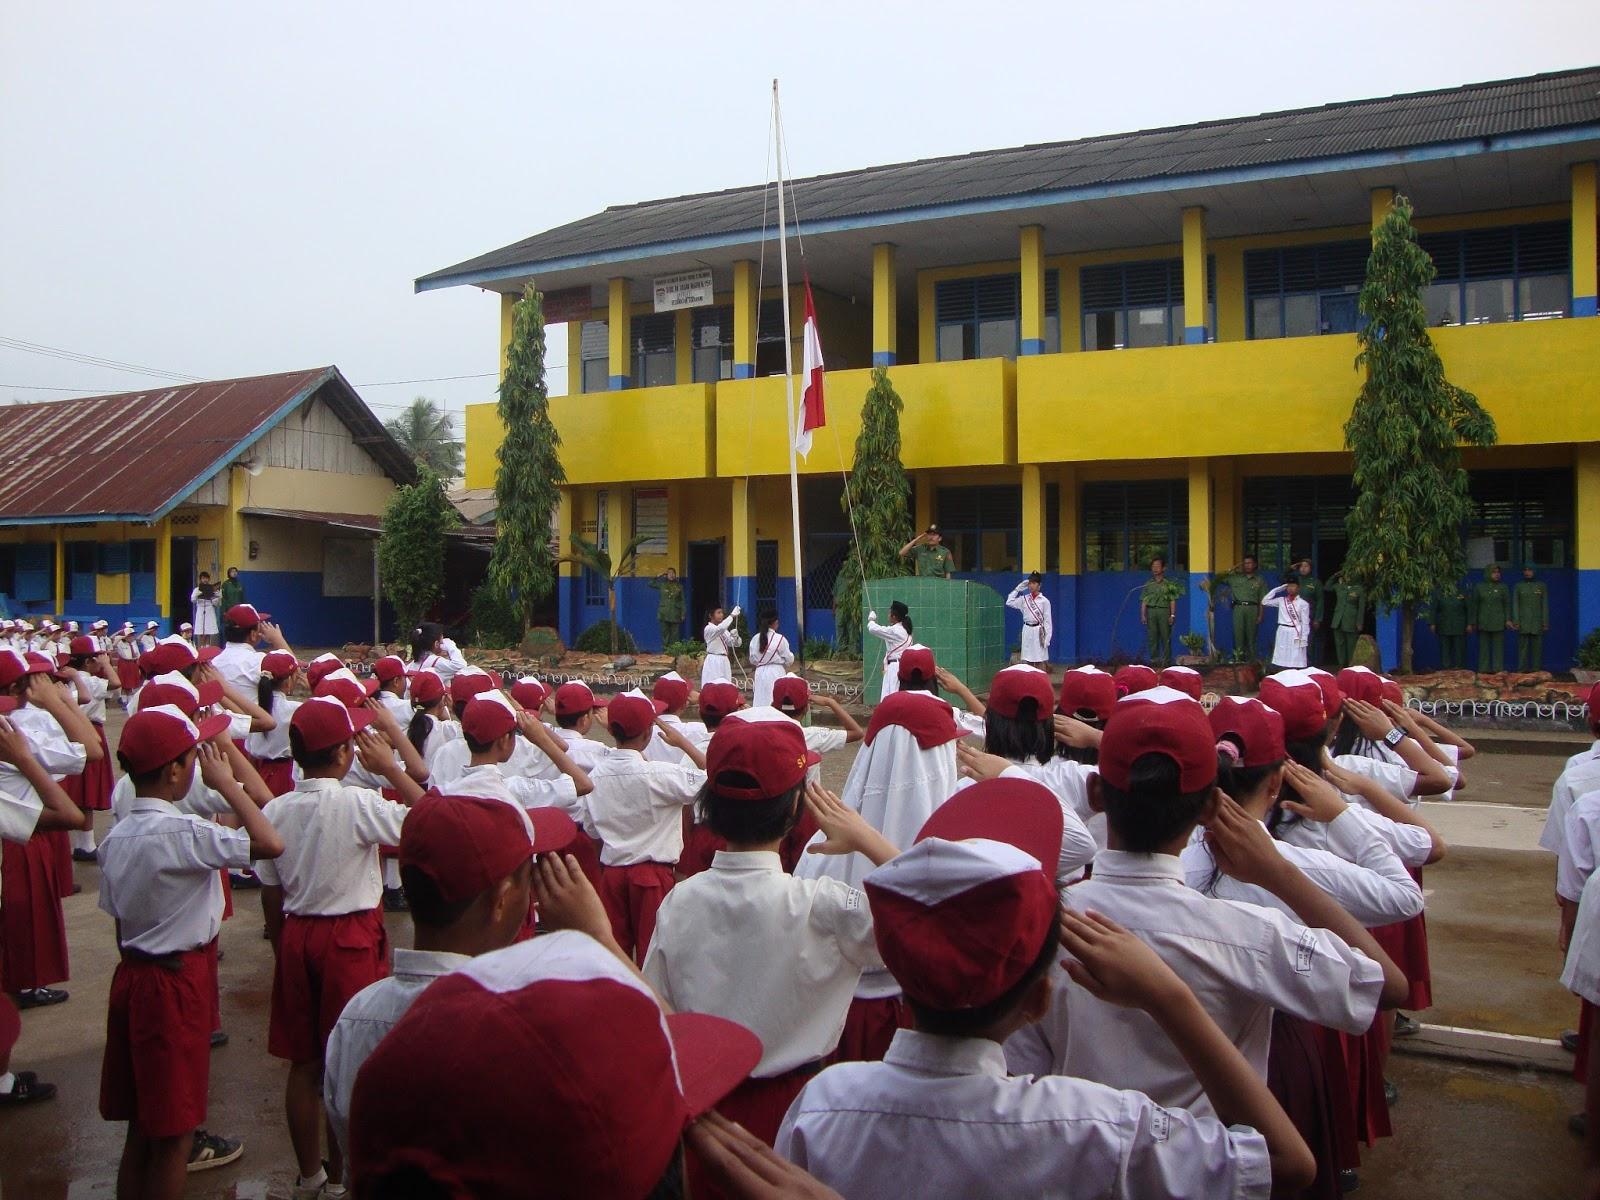 Manfaat Upacara Bendera bagi Anak Sekolah Dasar - Tinta ...